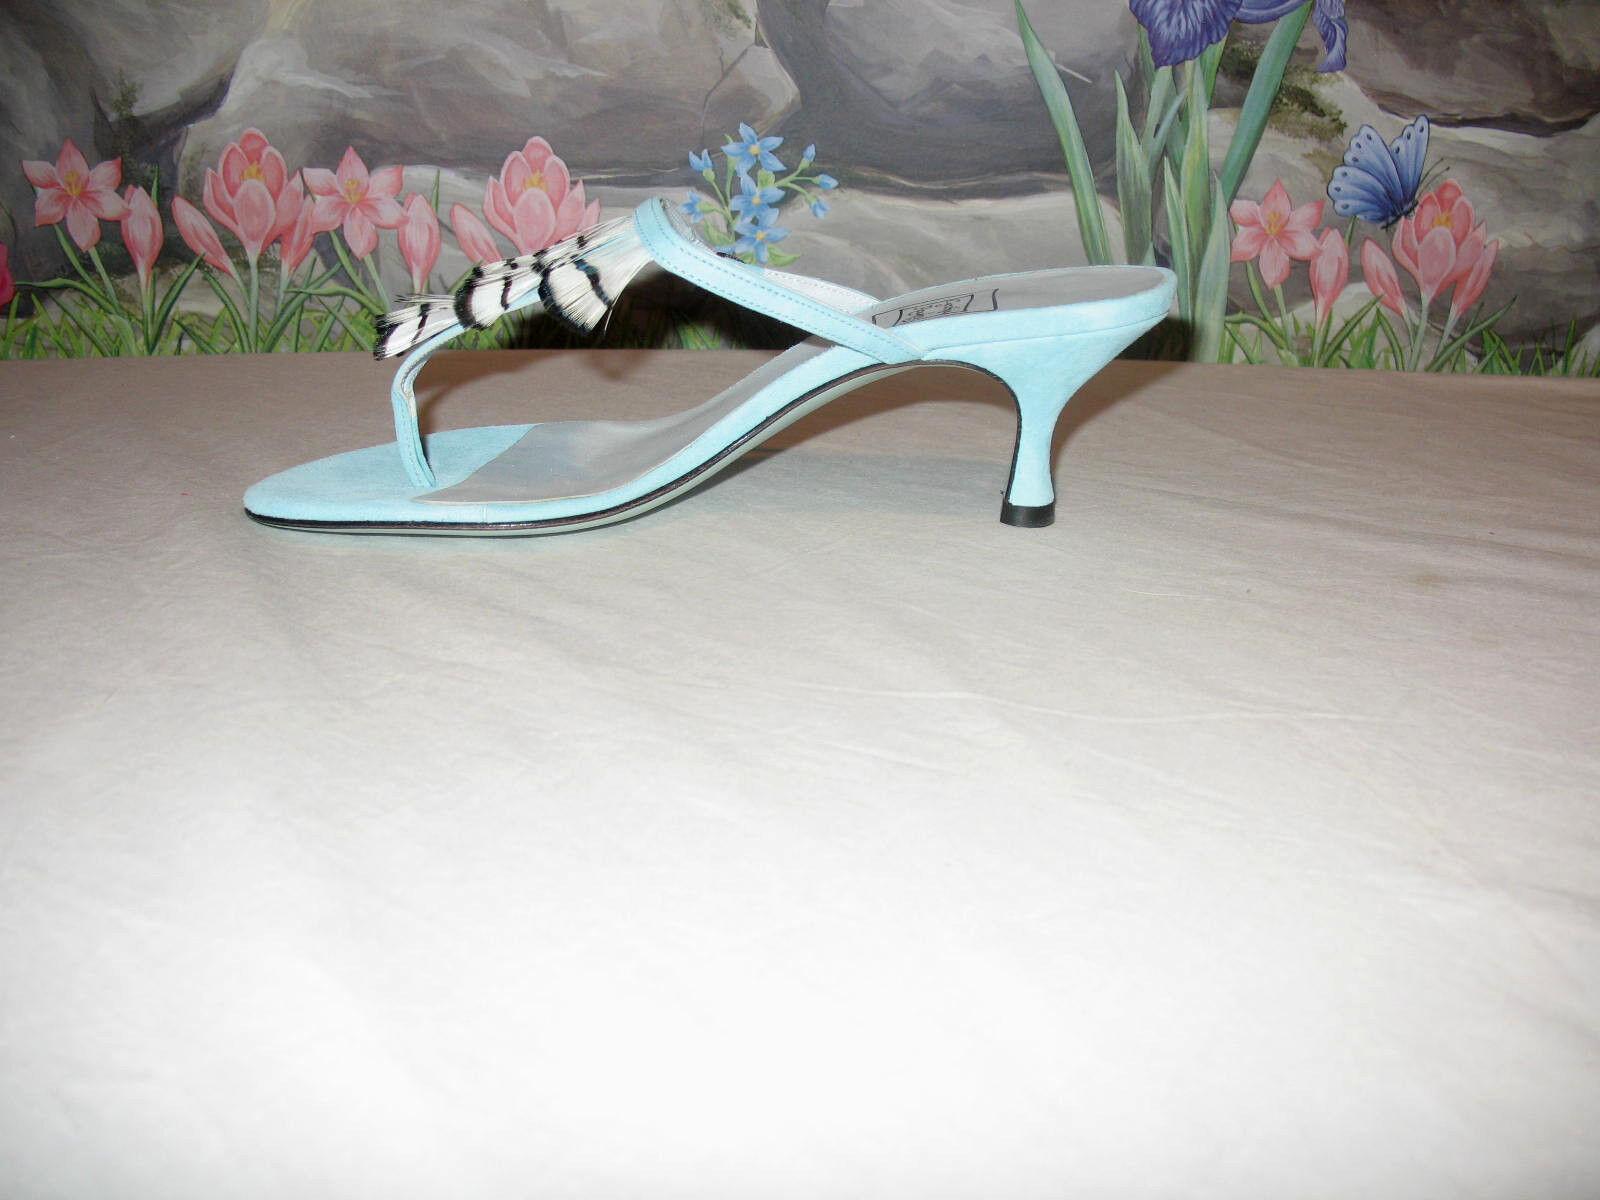 New  198 CYNTHIA ROWLEY ROWLEY ROWLEY blu Suede w Feathers Sandals 7 4416dd